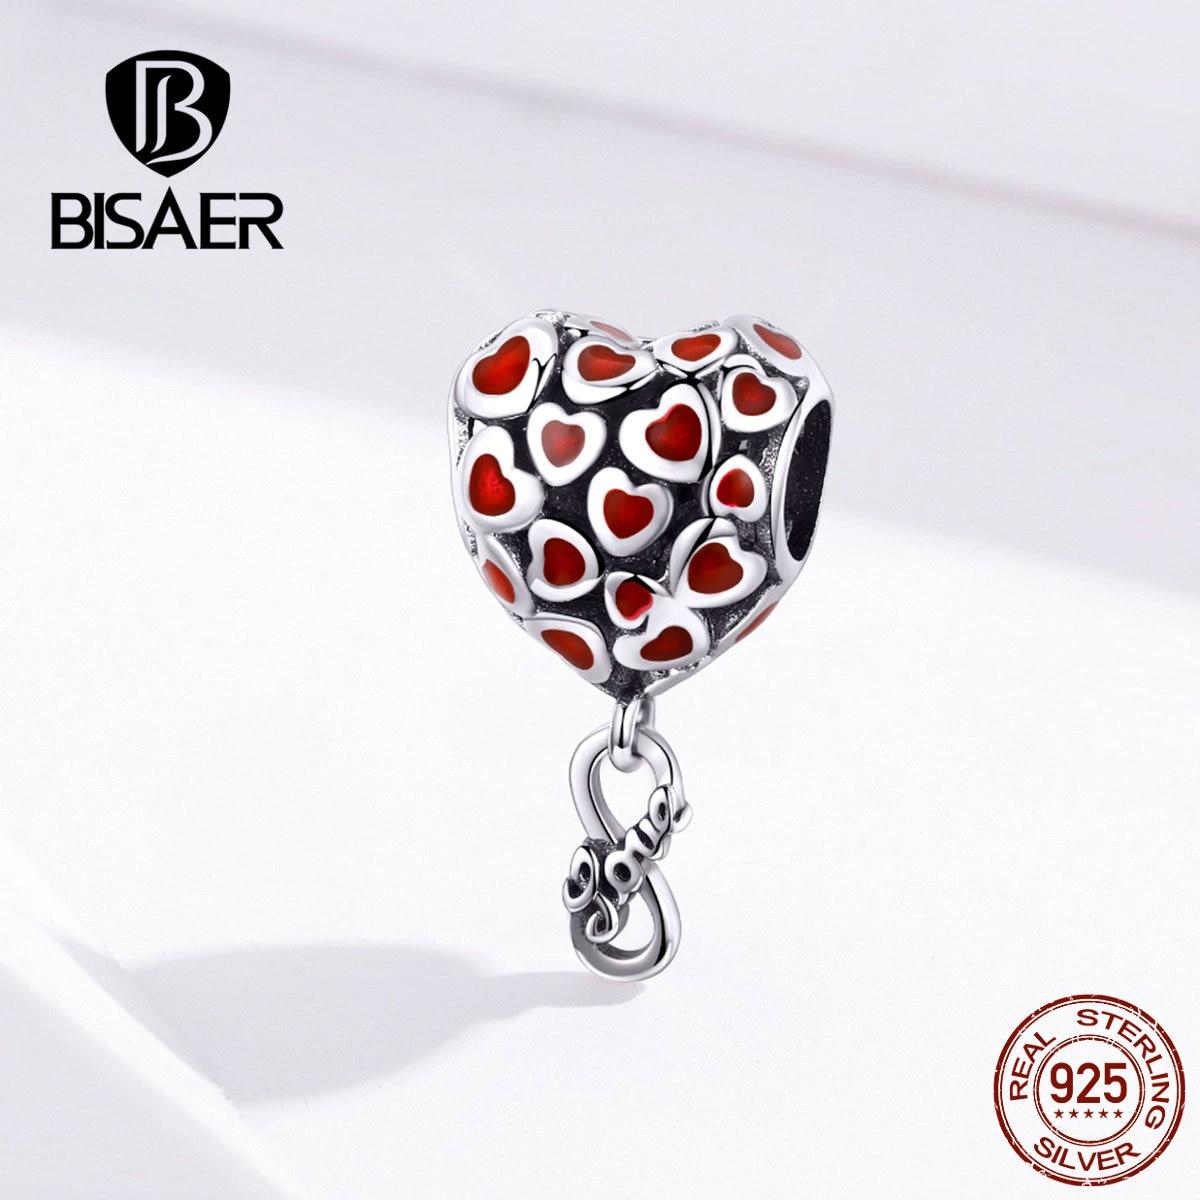 BISAER Infinity amour perles 925 argent Sterling amour sans fin coeur rouge amour infini breloques fit perles Bracelets bijoux à bricoler soi-même